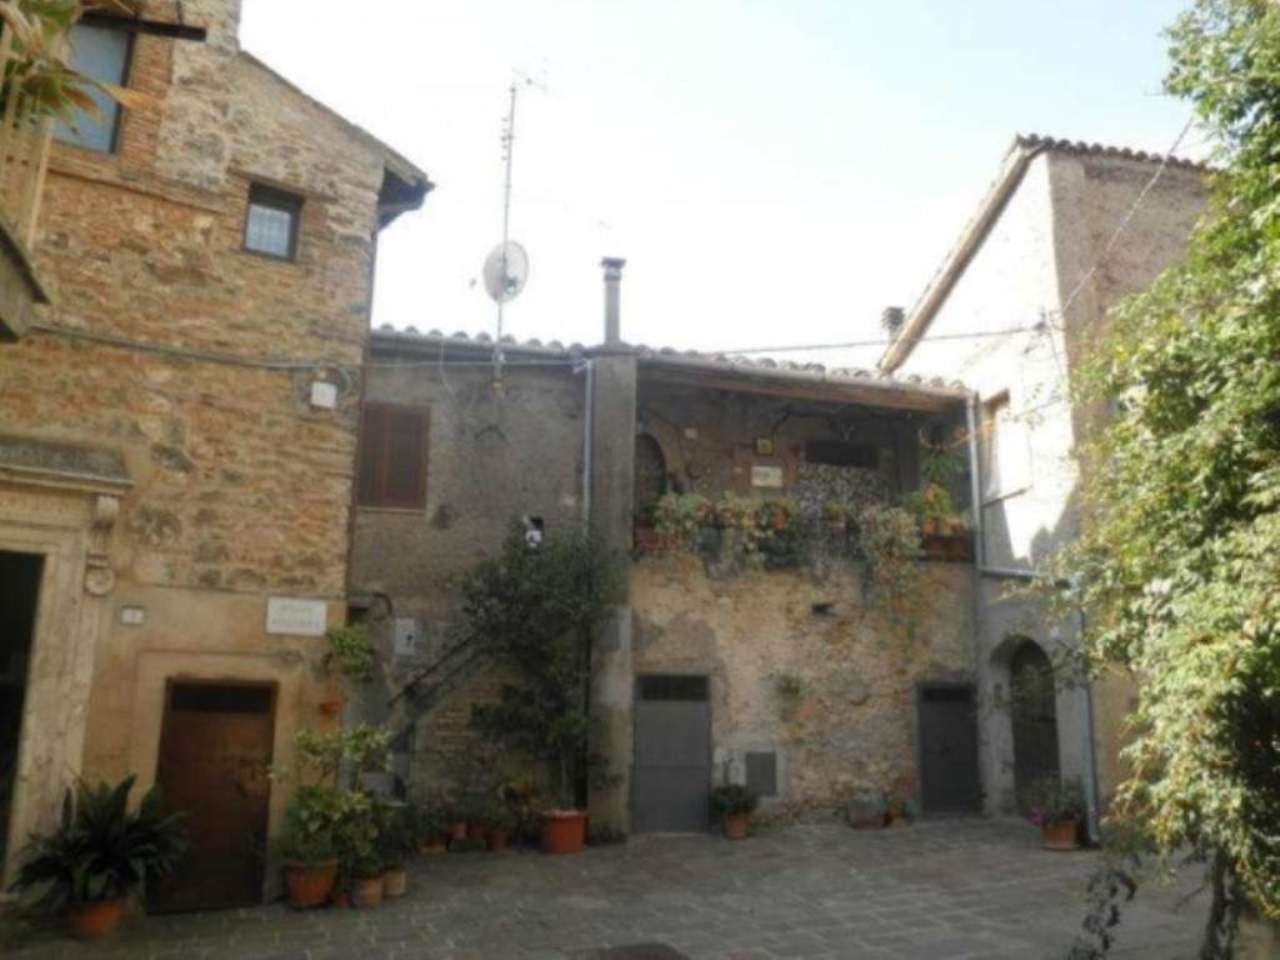 Appartamento in vendita a Montopoli di Sabina, 3 locali, prezzo € 50.000 | Cambio Casa.it